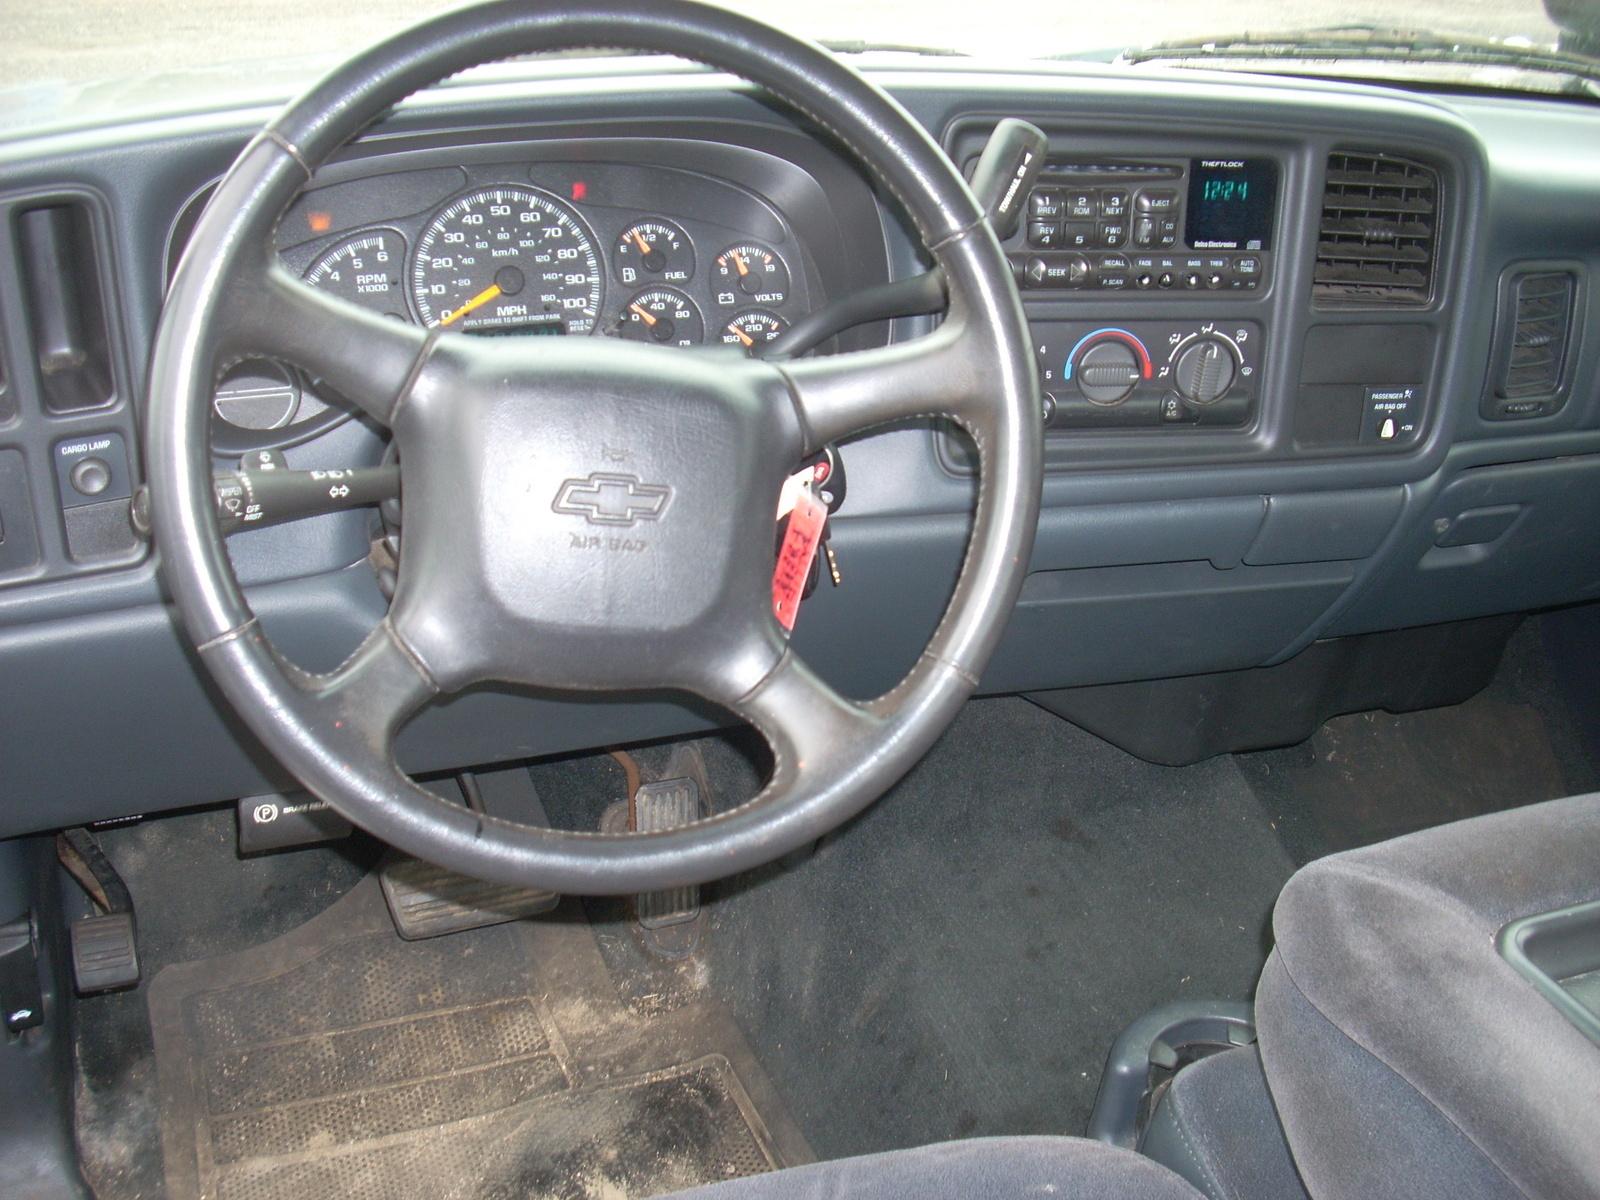 2001 Chevrolet Silverado 2500hd Interior Pictures Cargurus